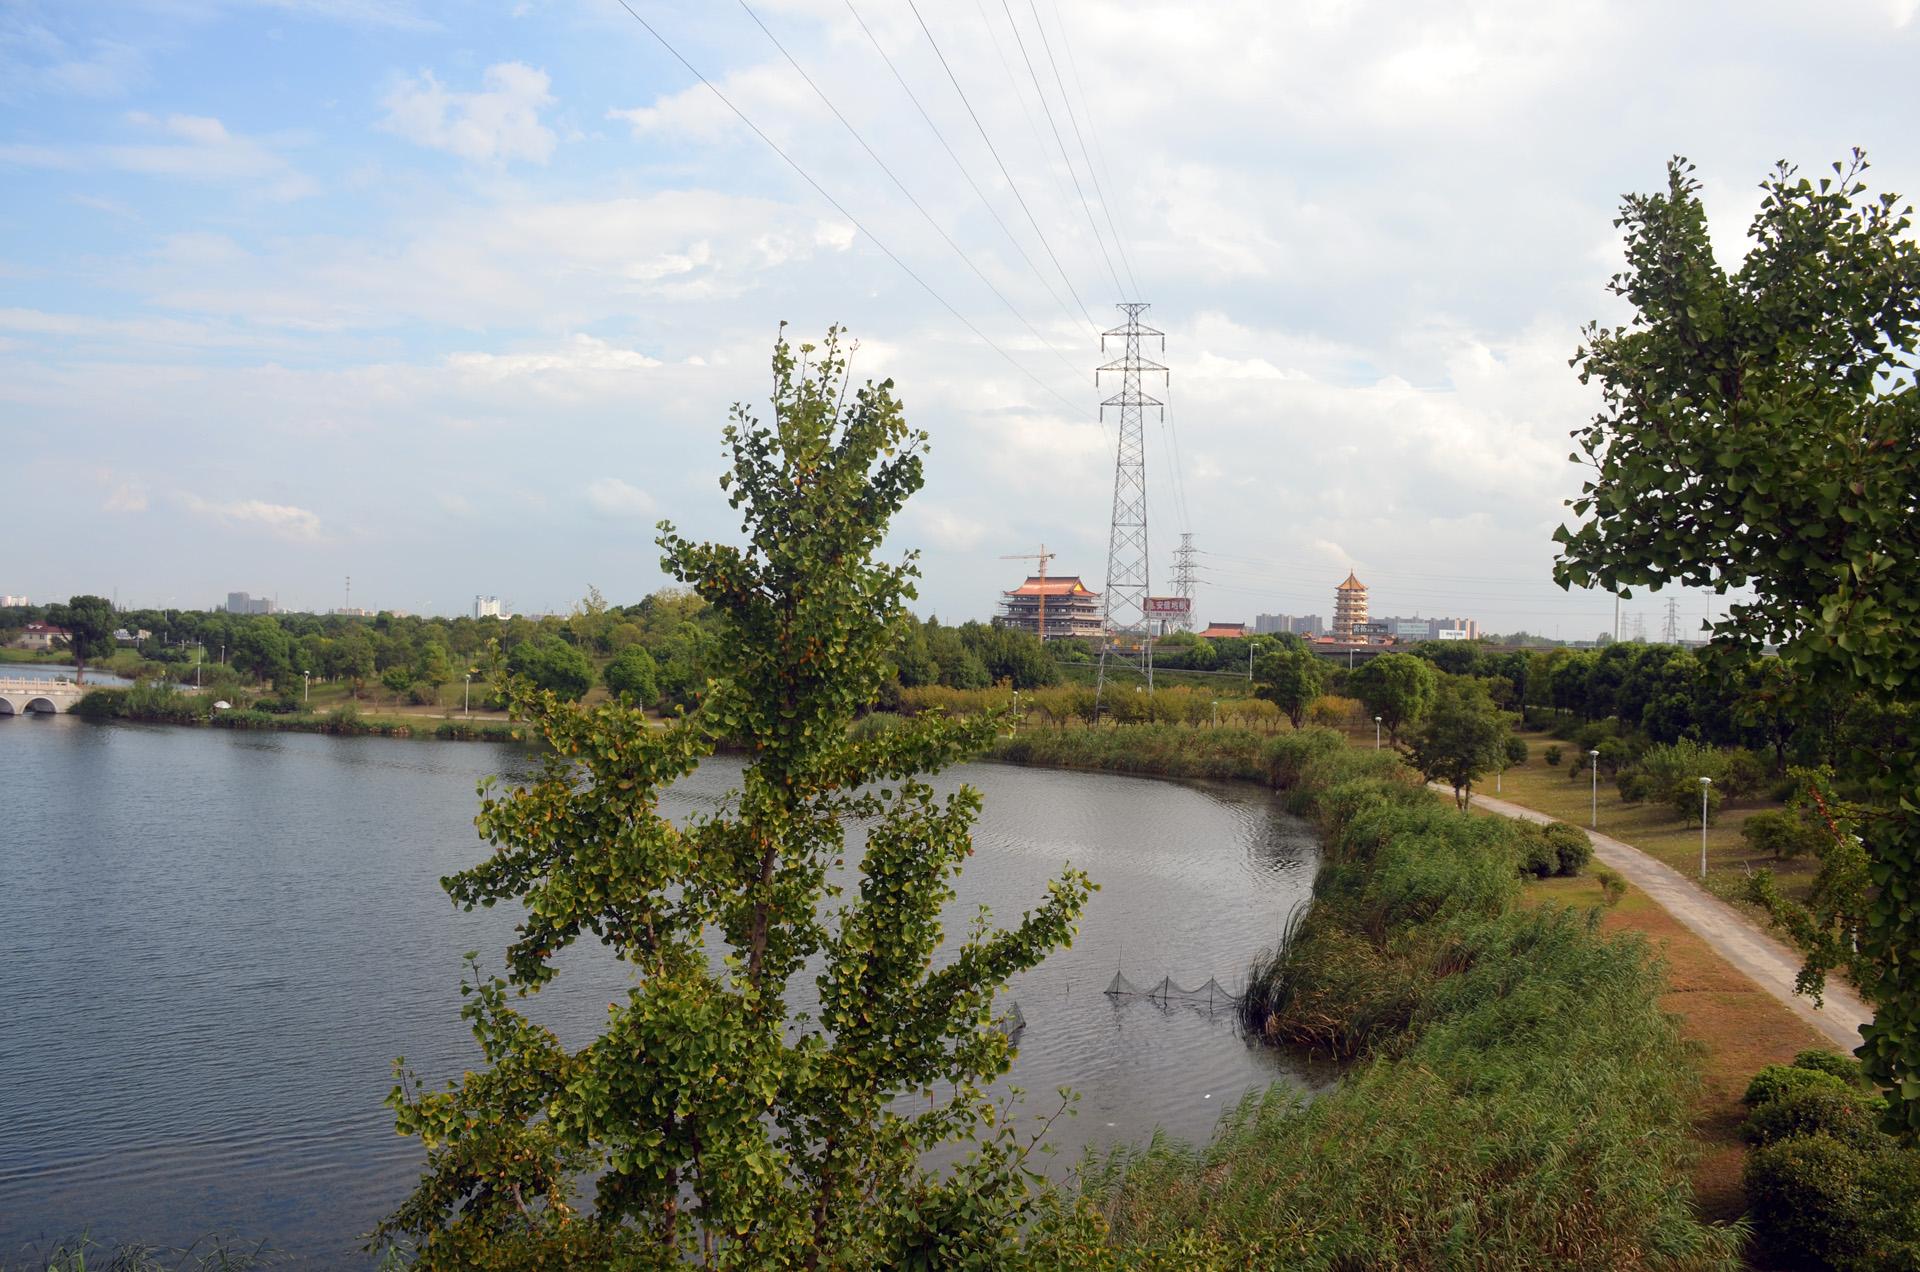 娄东生态园太仓娄东商务休闲垂钓中心风景秀丽 这里是太仓 摄影 第2张